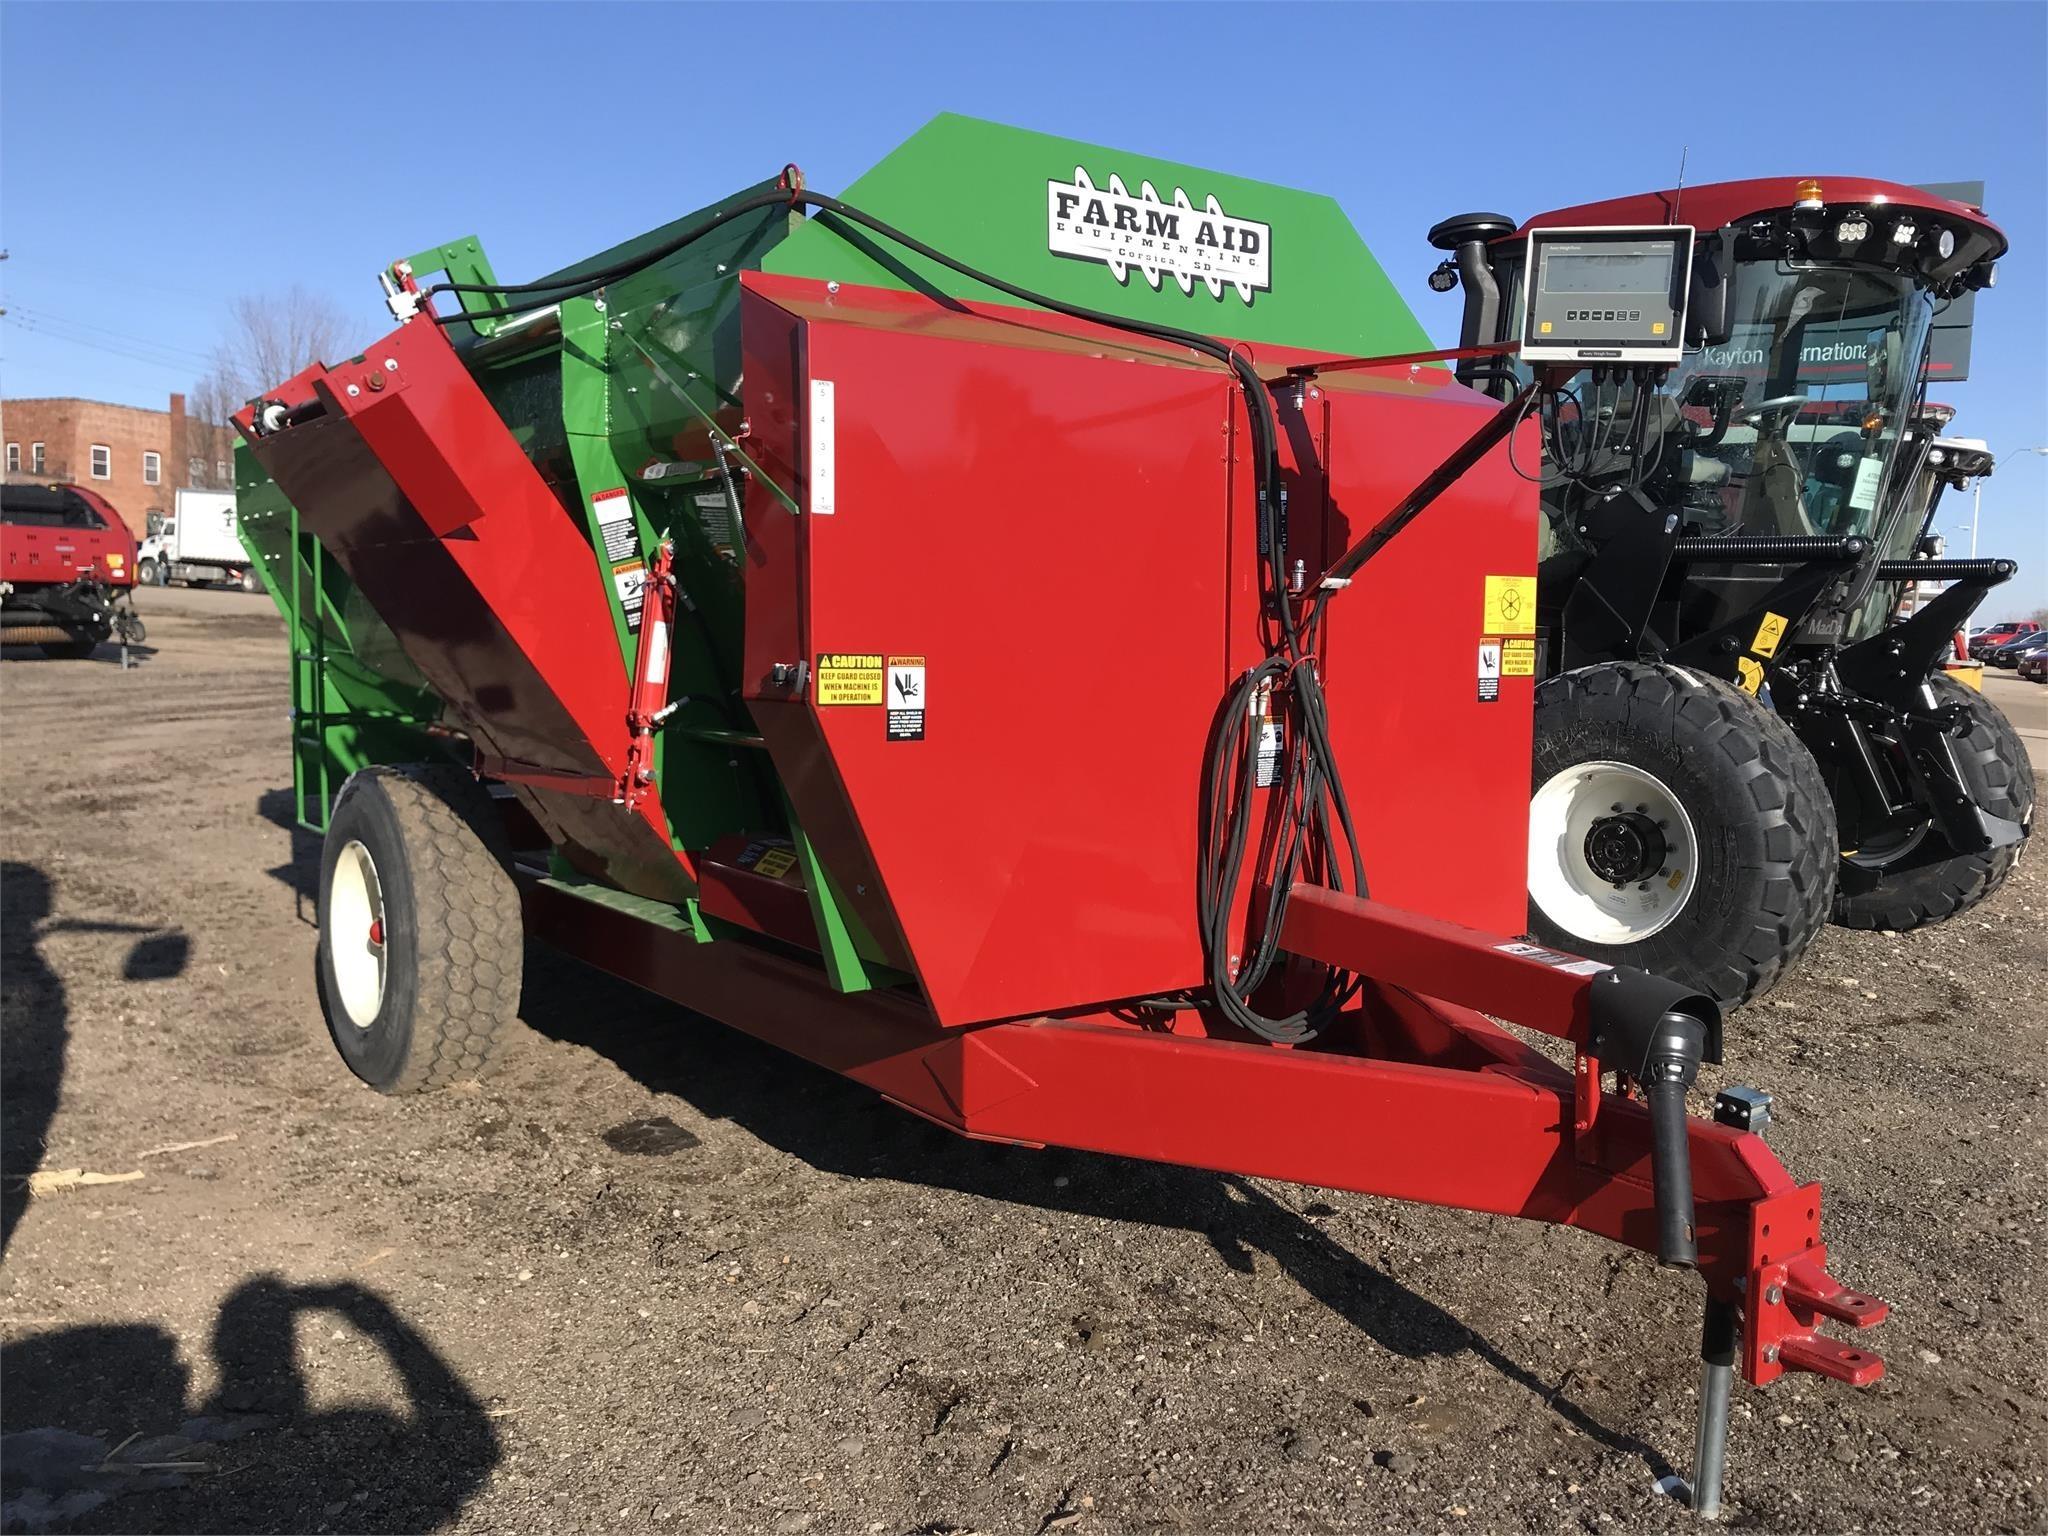 2019 Farm Aid 430 Feed Wagon